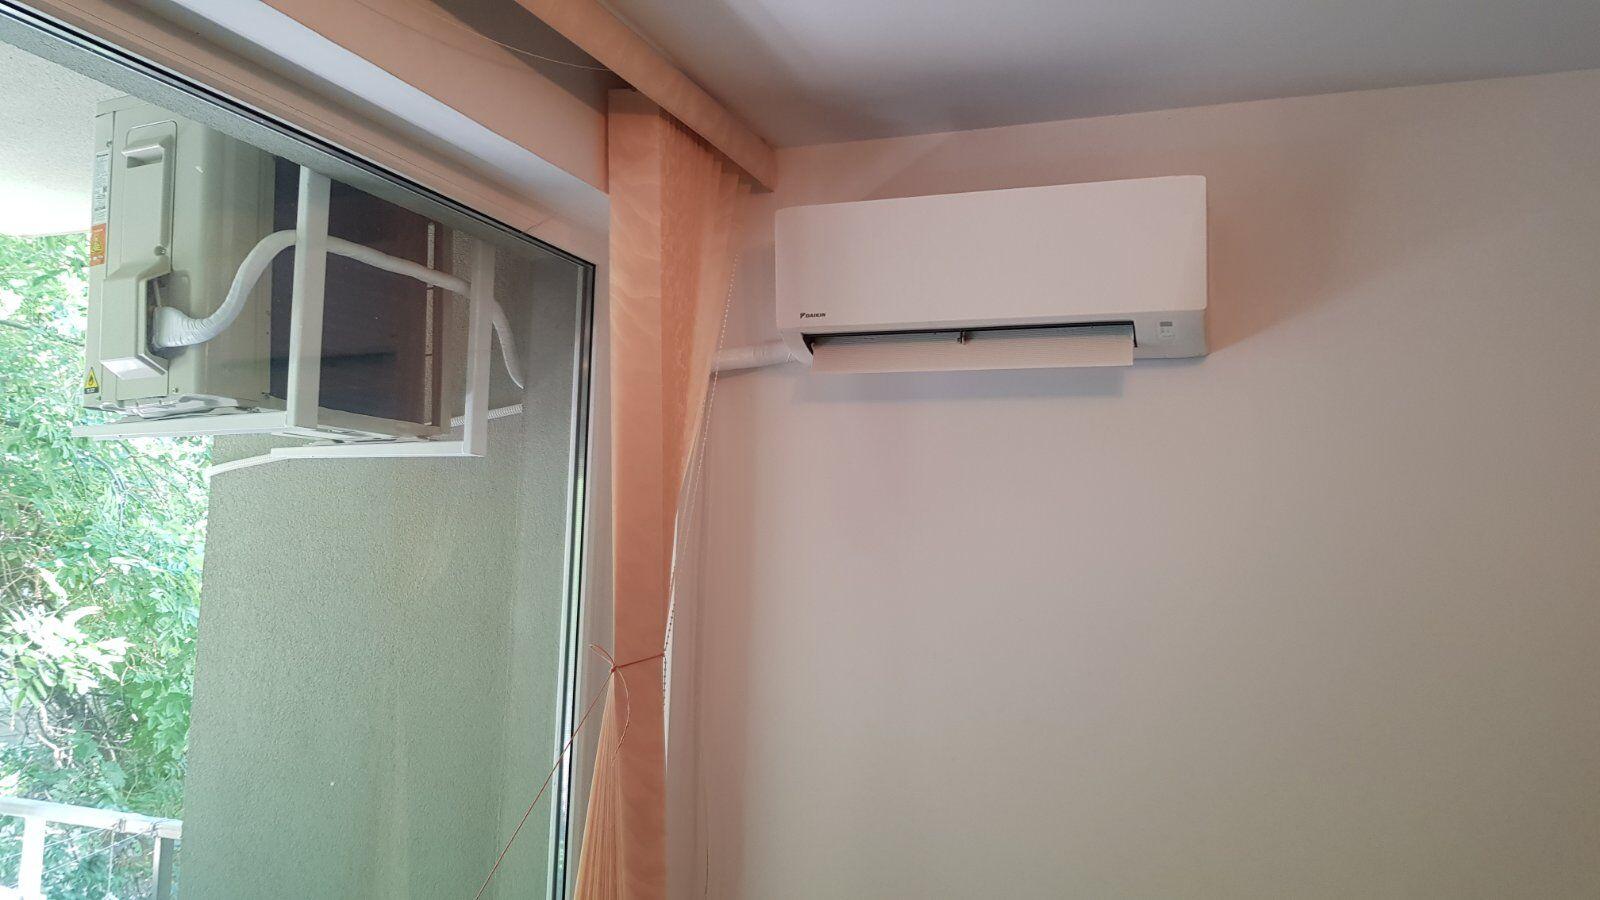 daikin ftxc50c монтаж на таванни стойки Пловдив